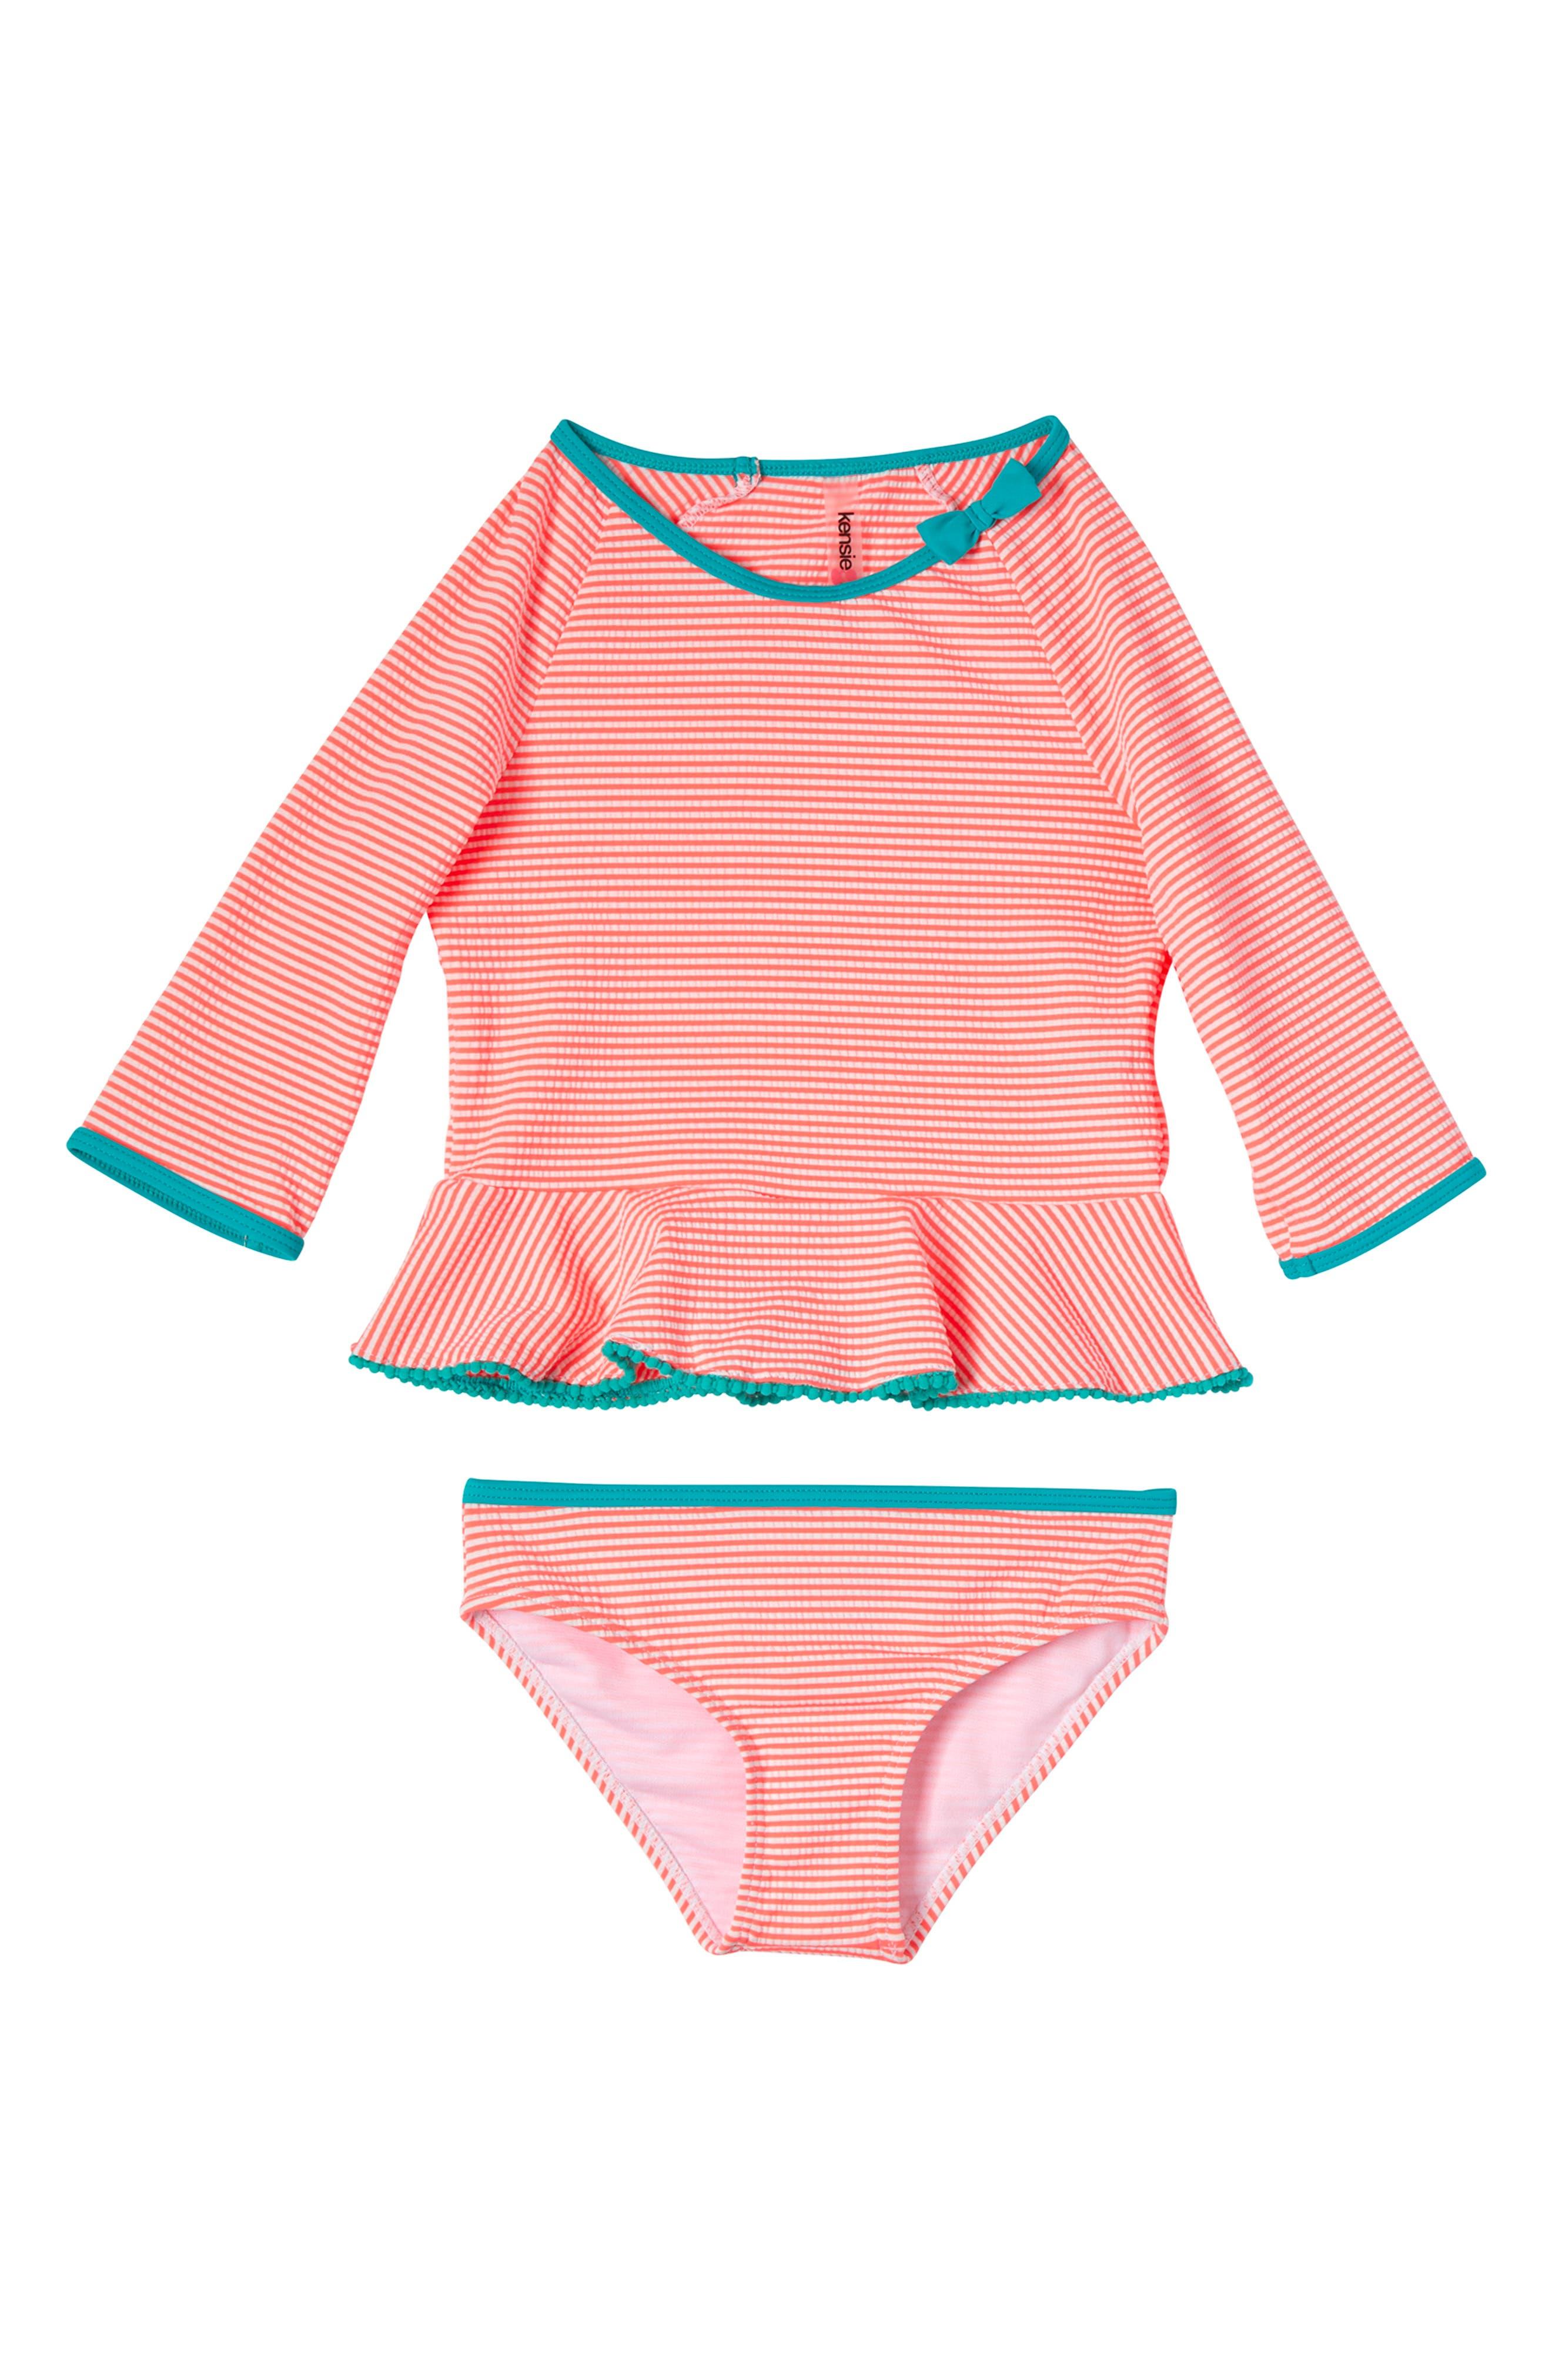 Image of Kensie Girl Long Sleeve Seersucker Stripe 2-Piece Swimsuit